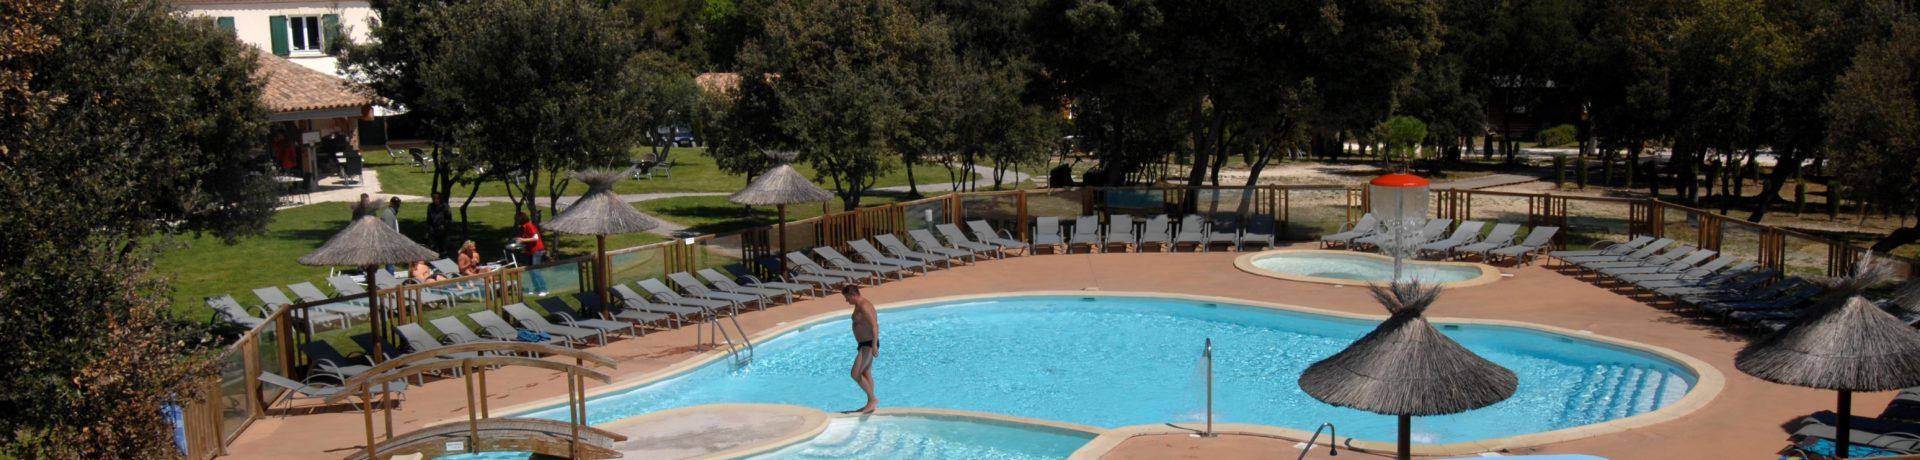 Camping Du Domaine De Massereau in Sommières is een middelgrote 5 sterren camping in de Gard met waterpark gelegen in de regio Occitanië.